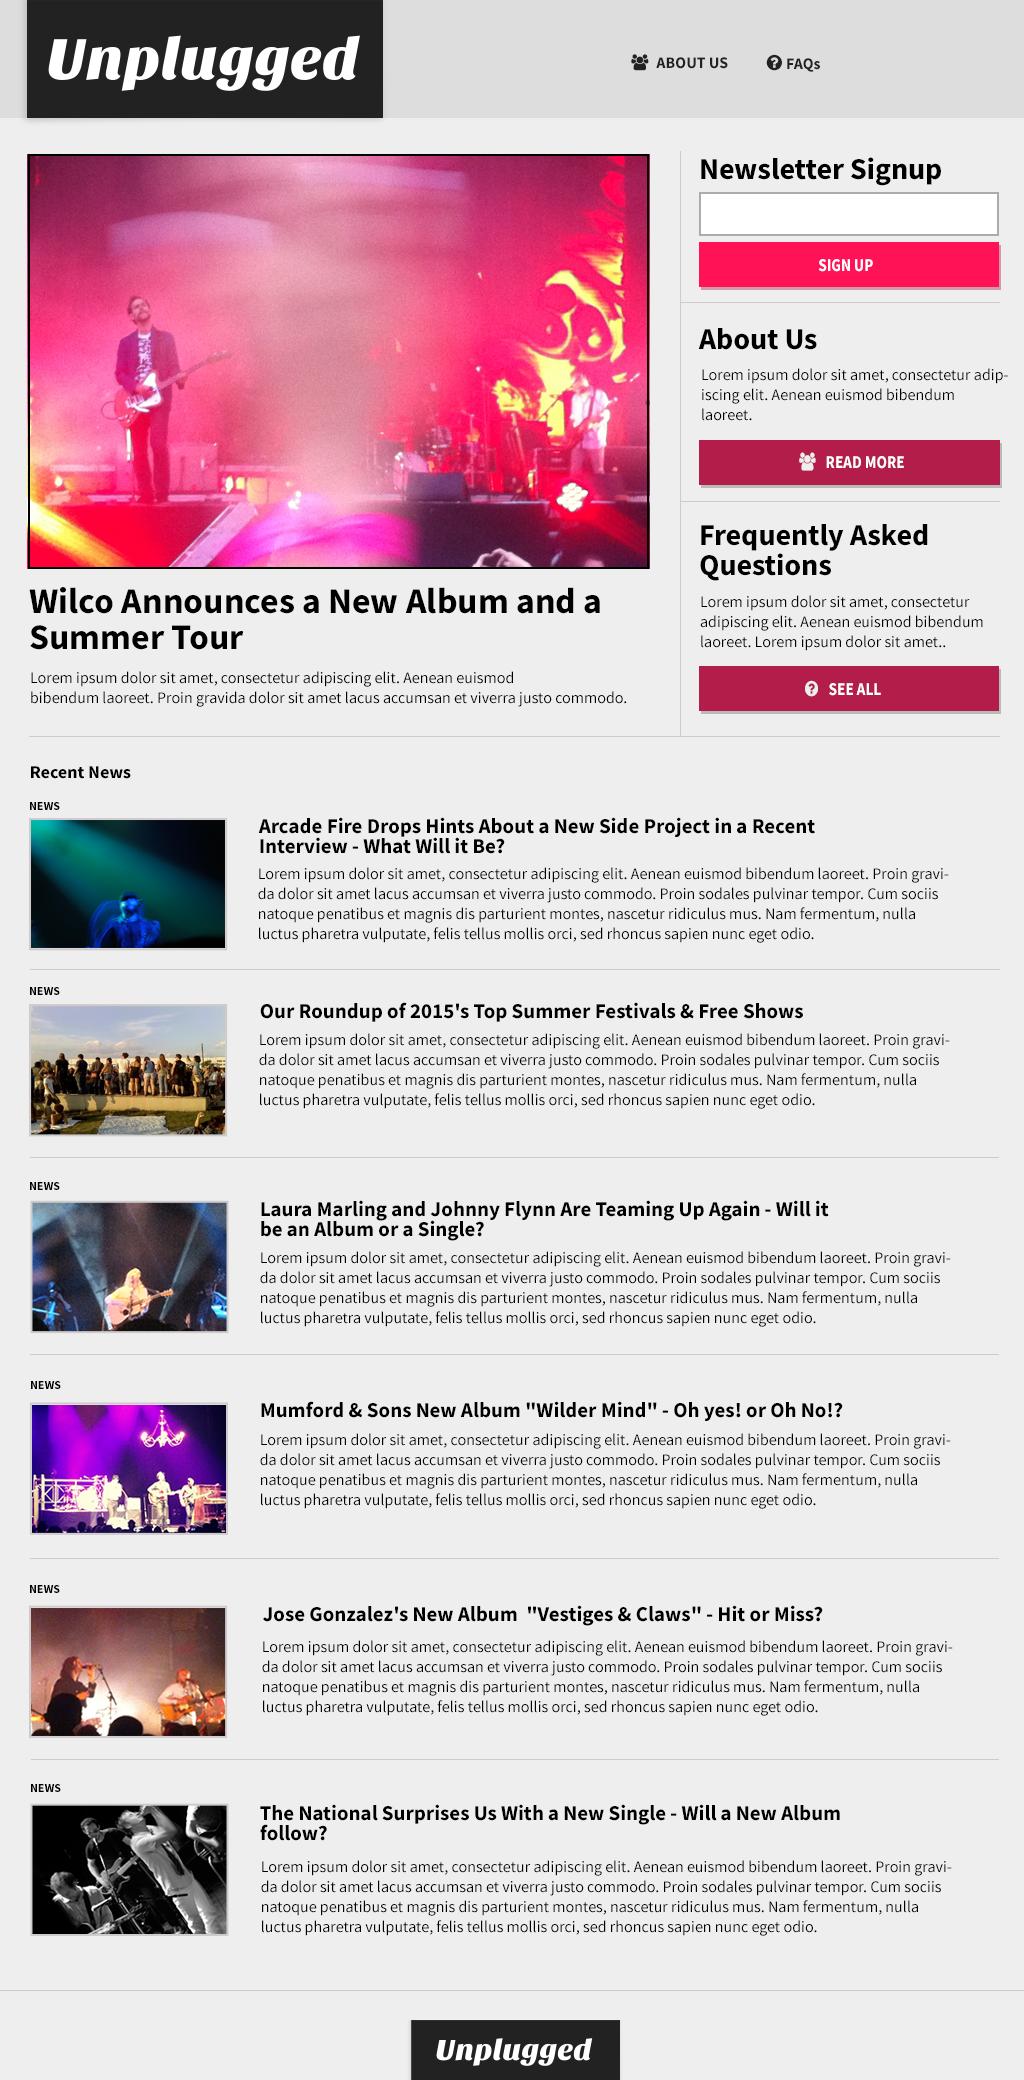 01-unplugged-design-homepage-desktop.png